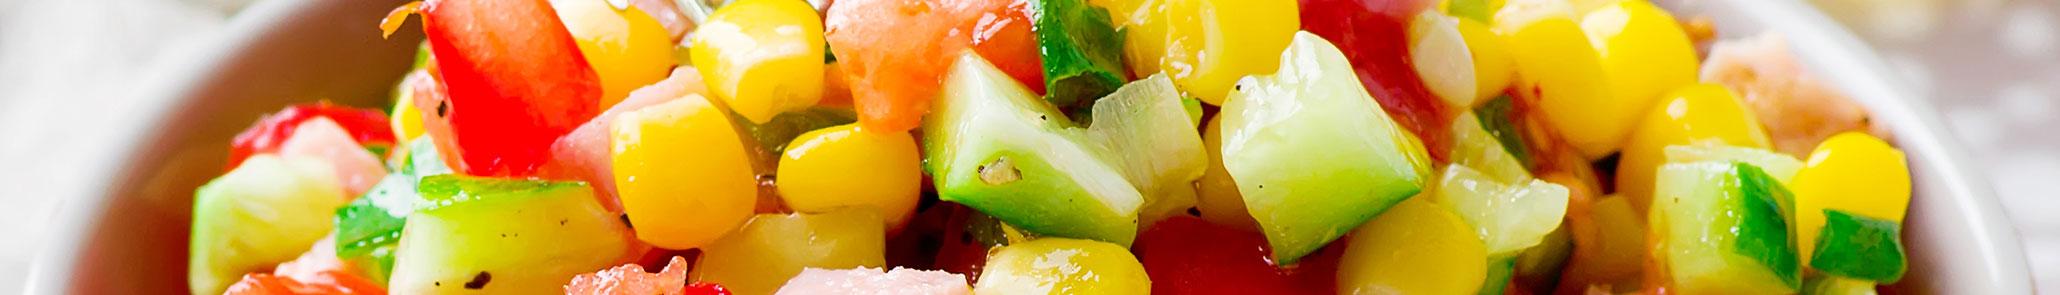 Serve Up the Quintessential Summer Salad